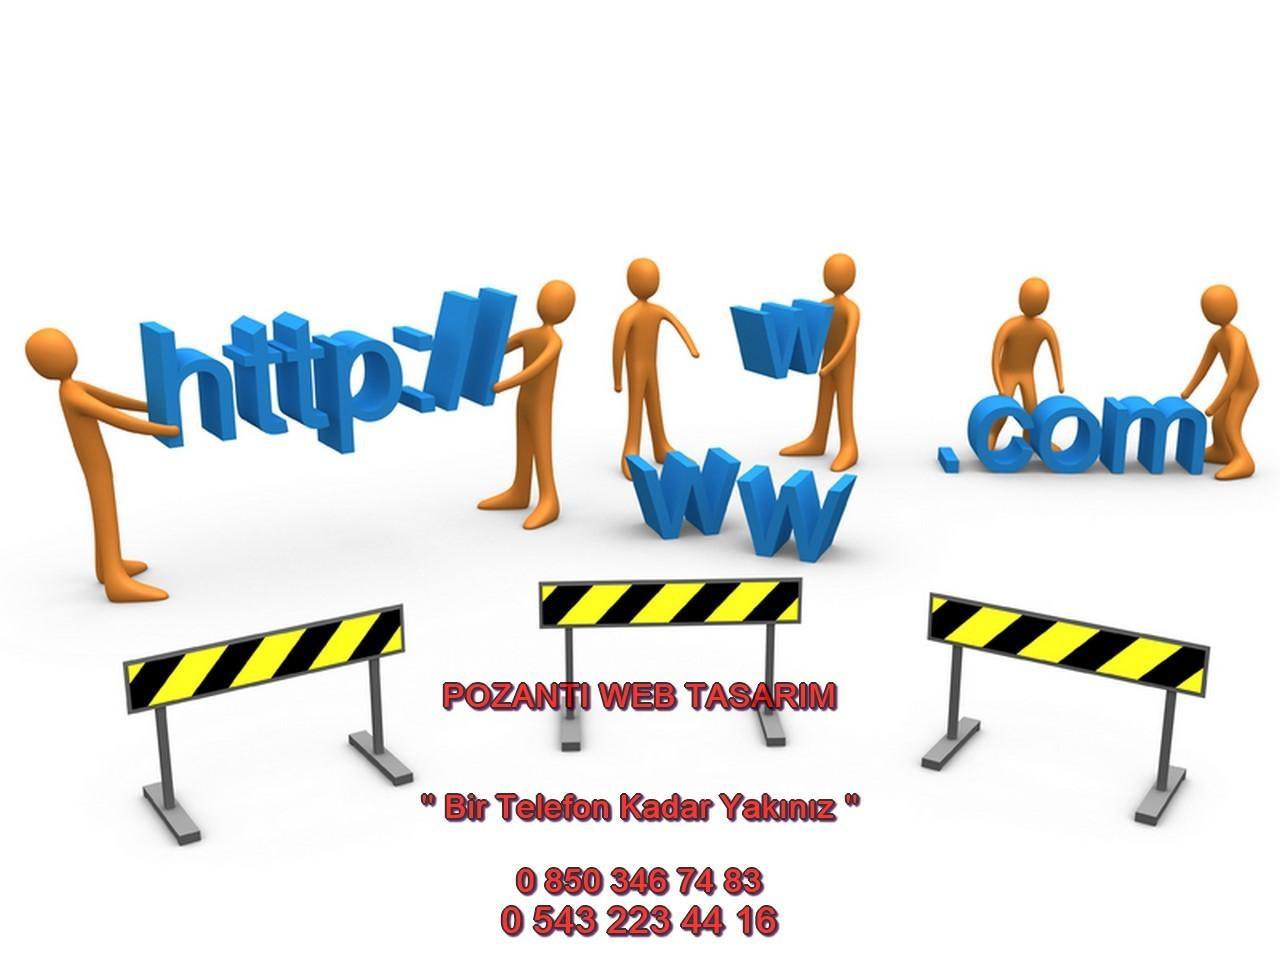 Pozantı Web Tasarım